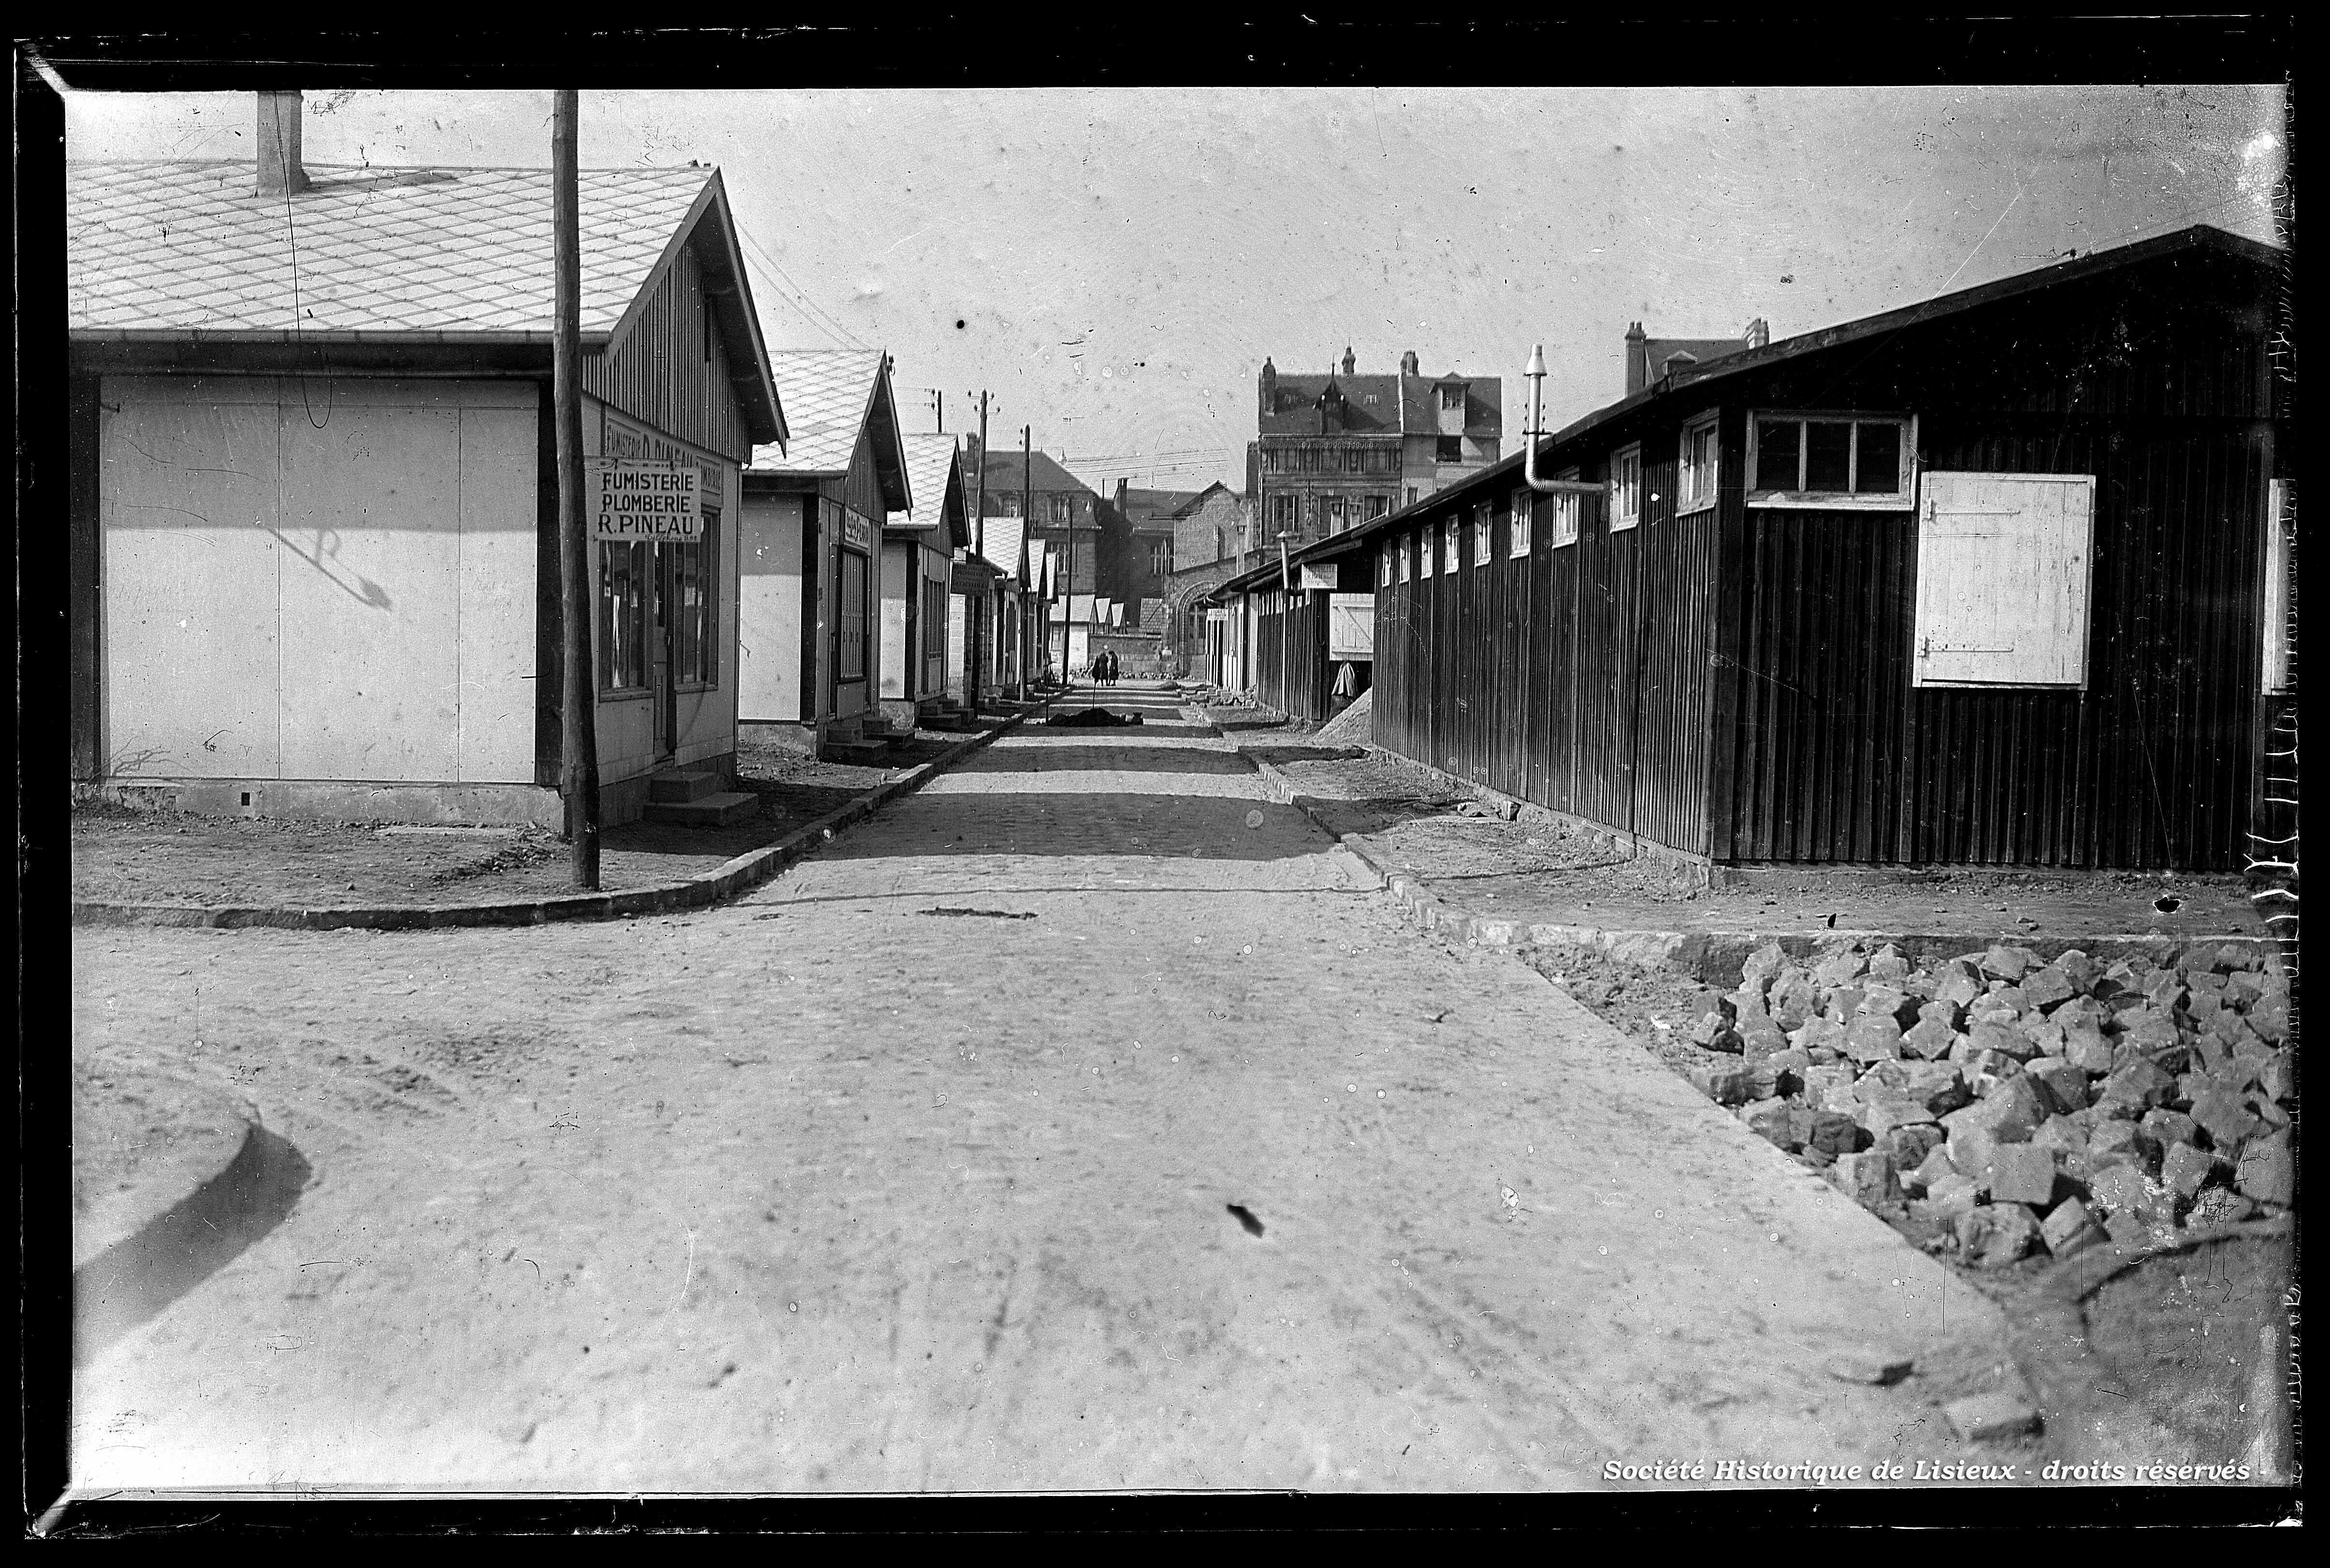 La cité commerciale installée dans des baraquements (photos n°847 et 848)